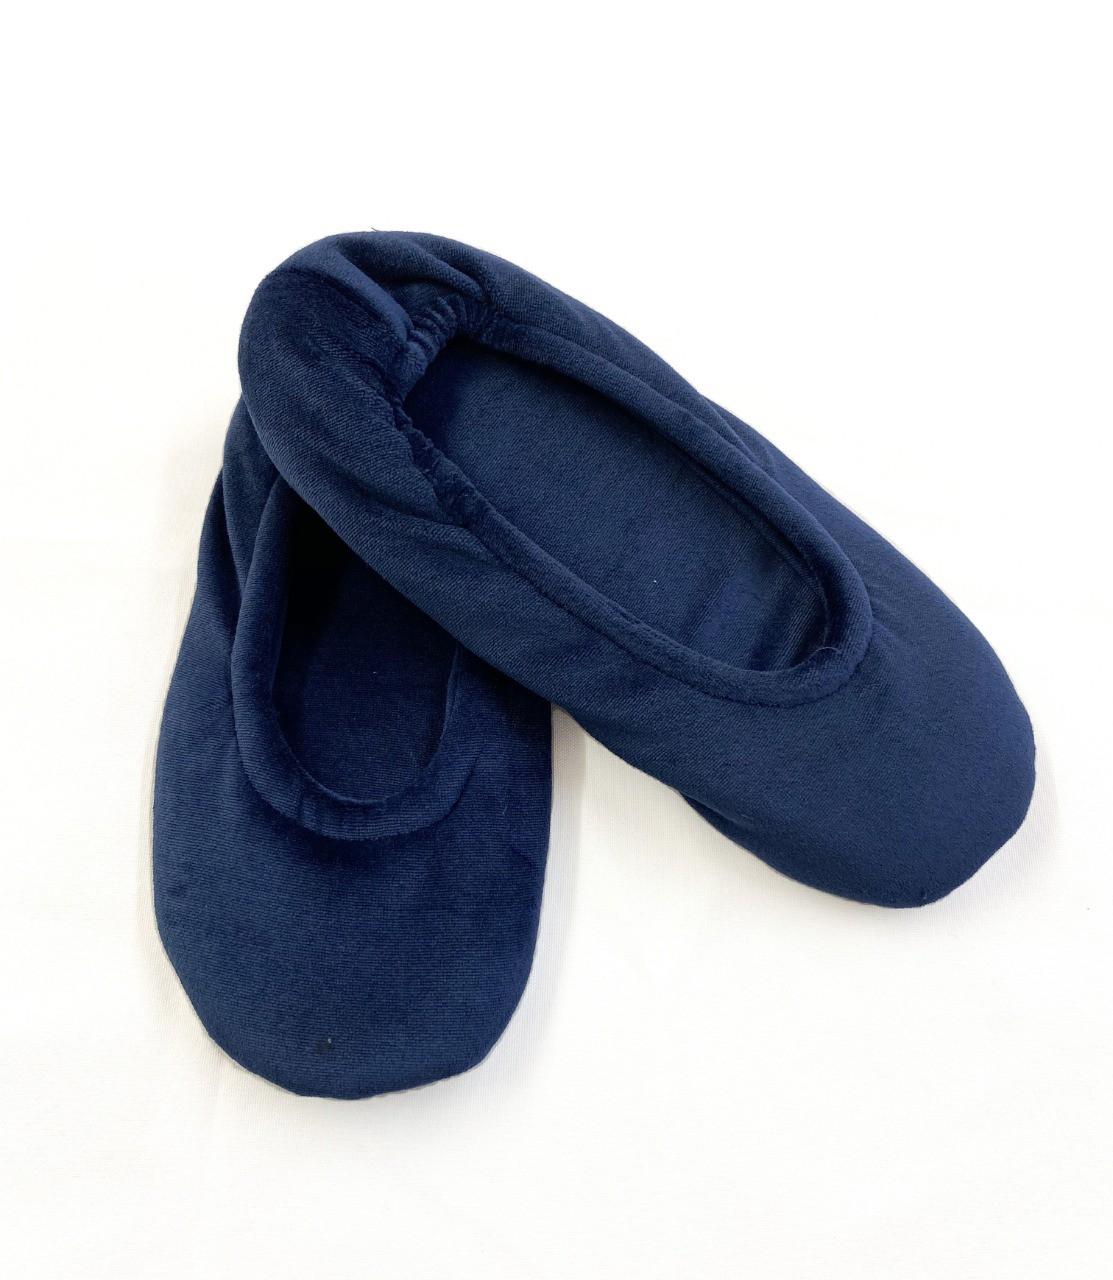 Sapatilha Plush - Azul Marinho